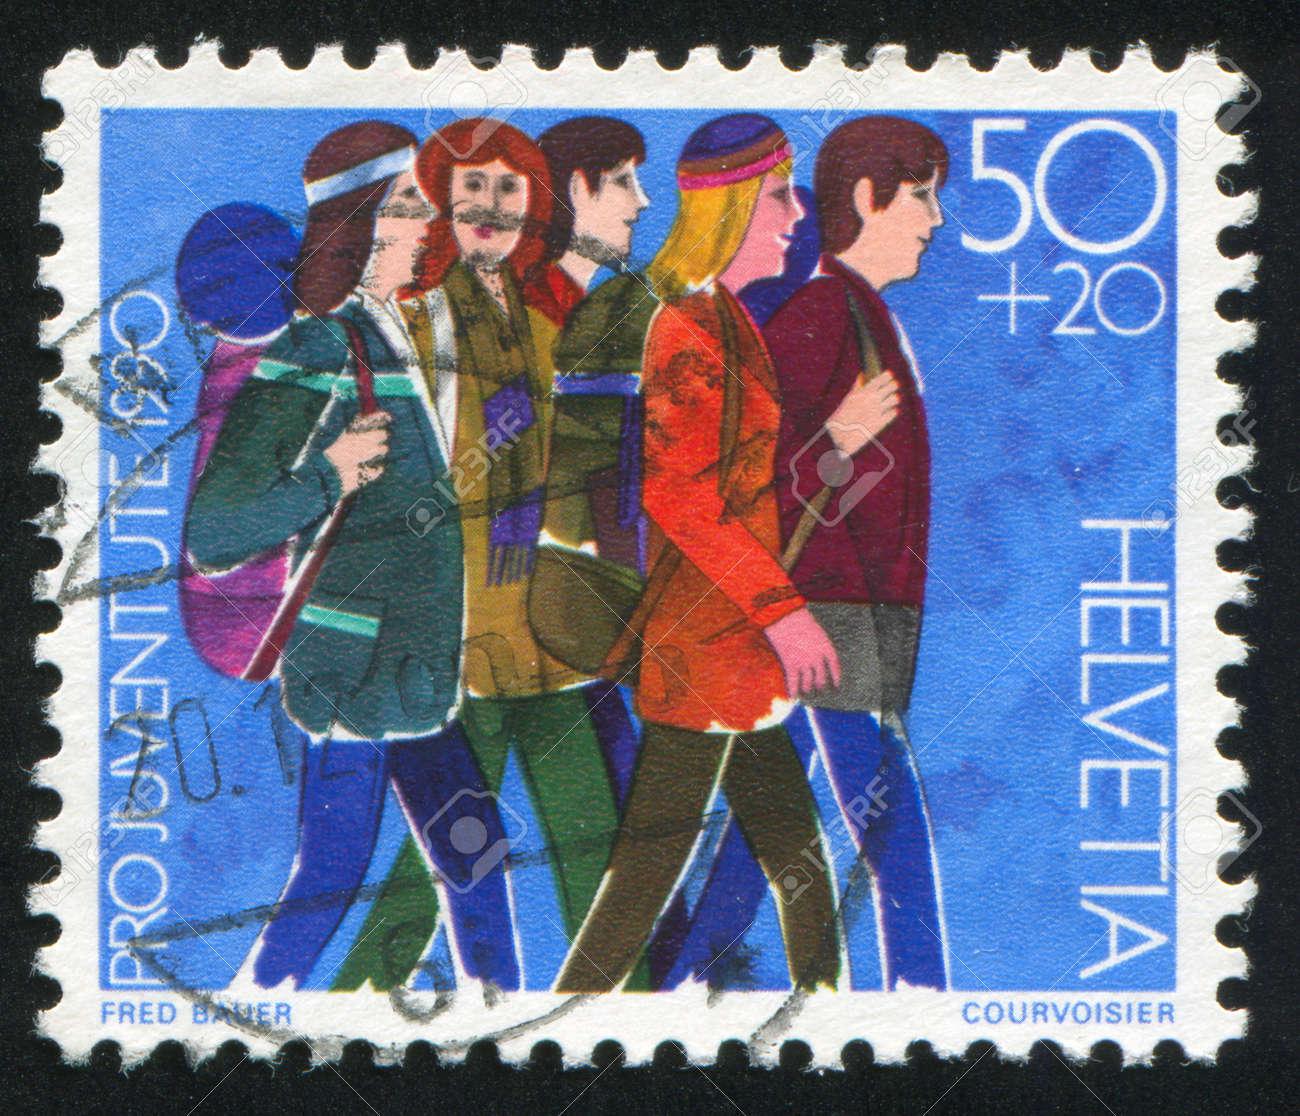 SWITZERLAND - CIRCA 1990: stamp printed by Switzerland, shows Youth groups, circa 1990 Stock Photo - 18114142